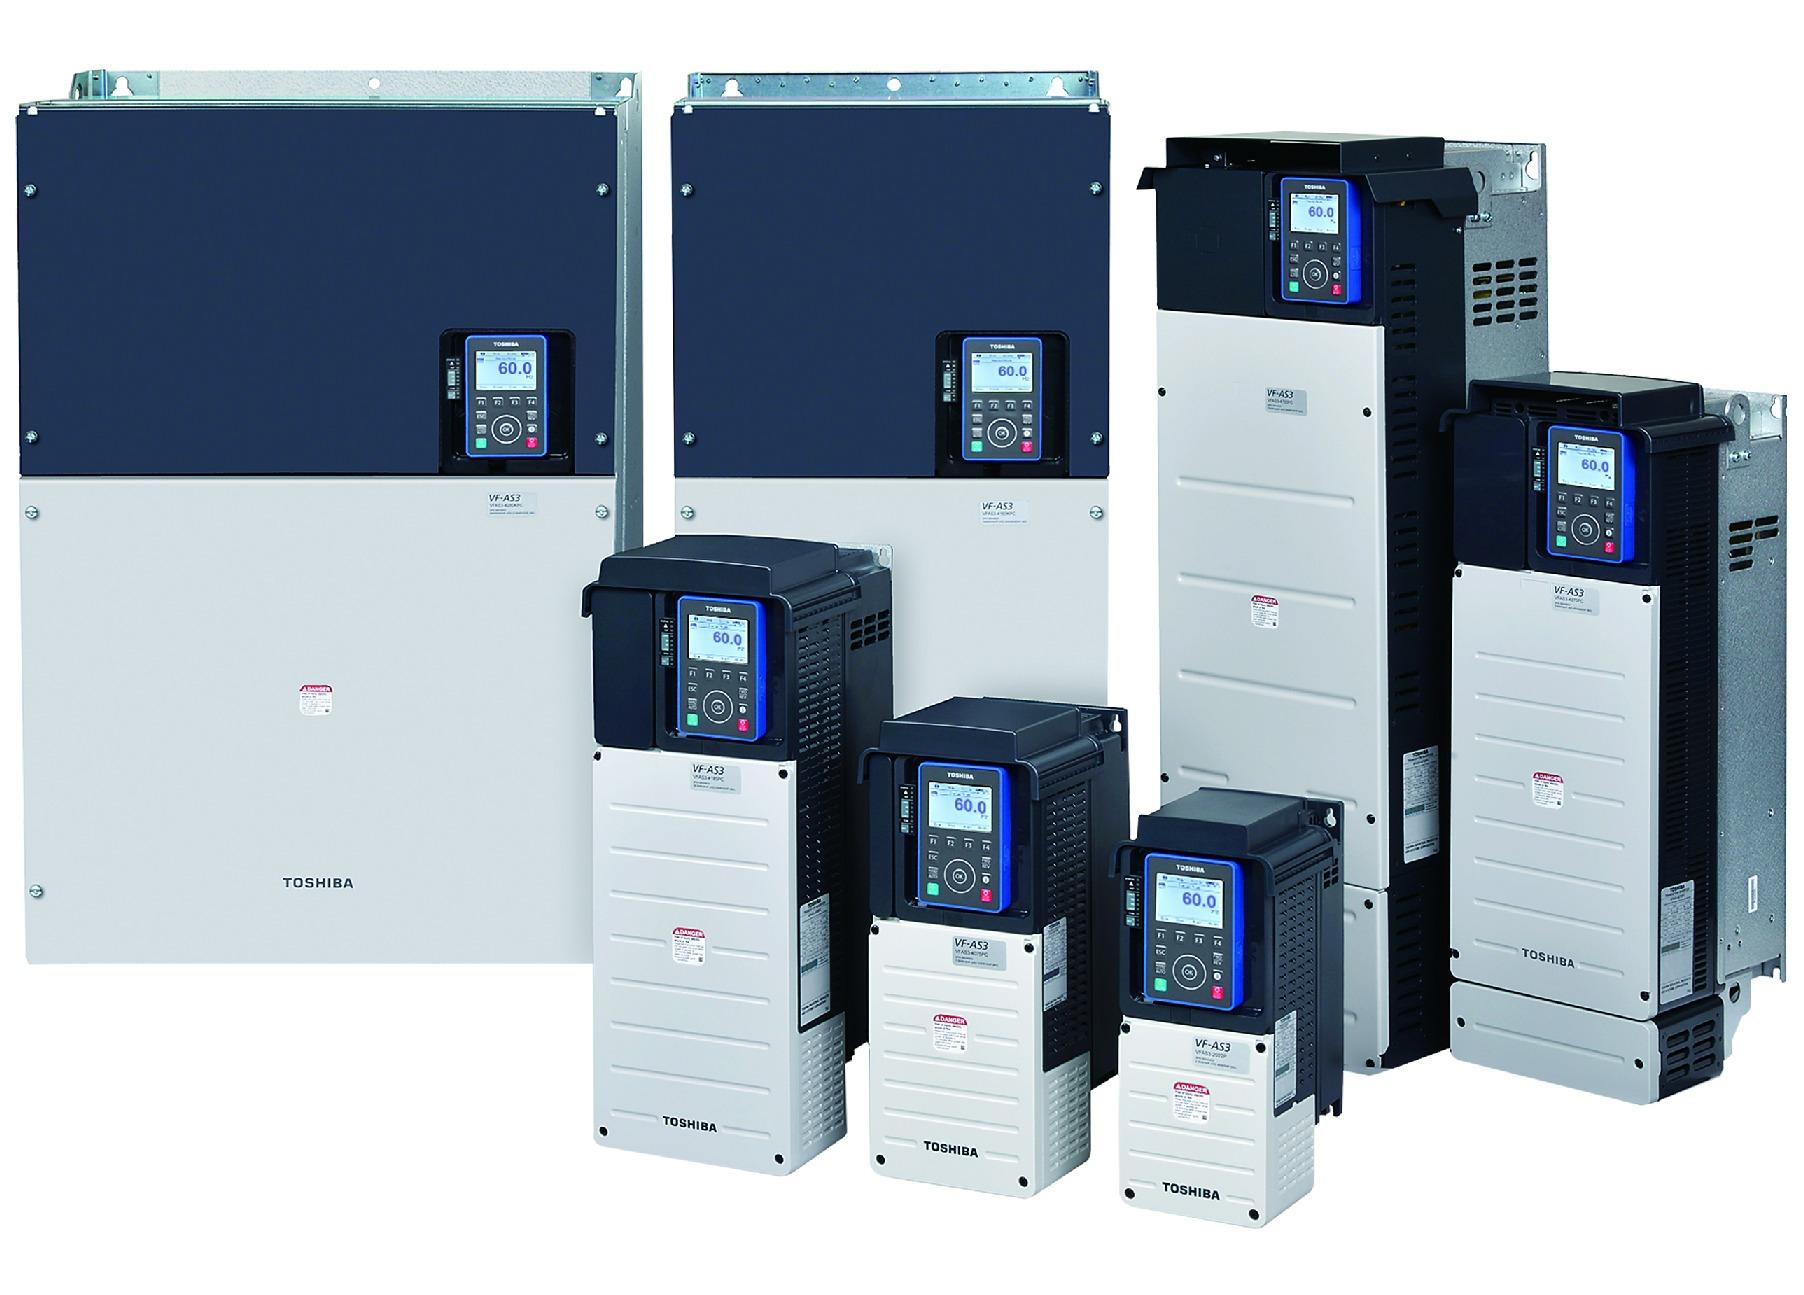 Центр продаж низковольтных и высоковольтных преобразователей частоты, систем автоматизации и другого электротехнического оборудования производства Toshiba, а так же электродвигателей Toshiba